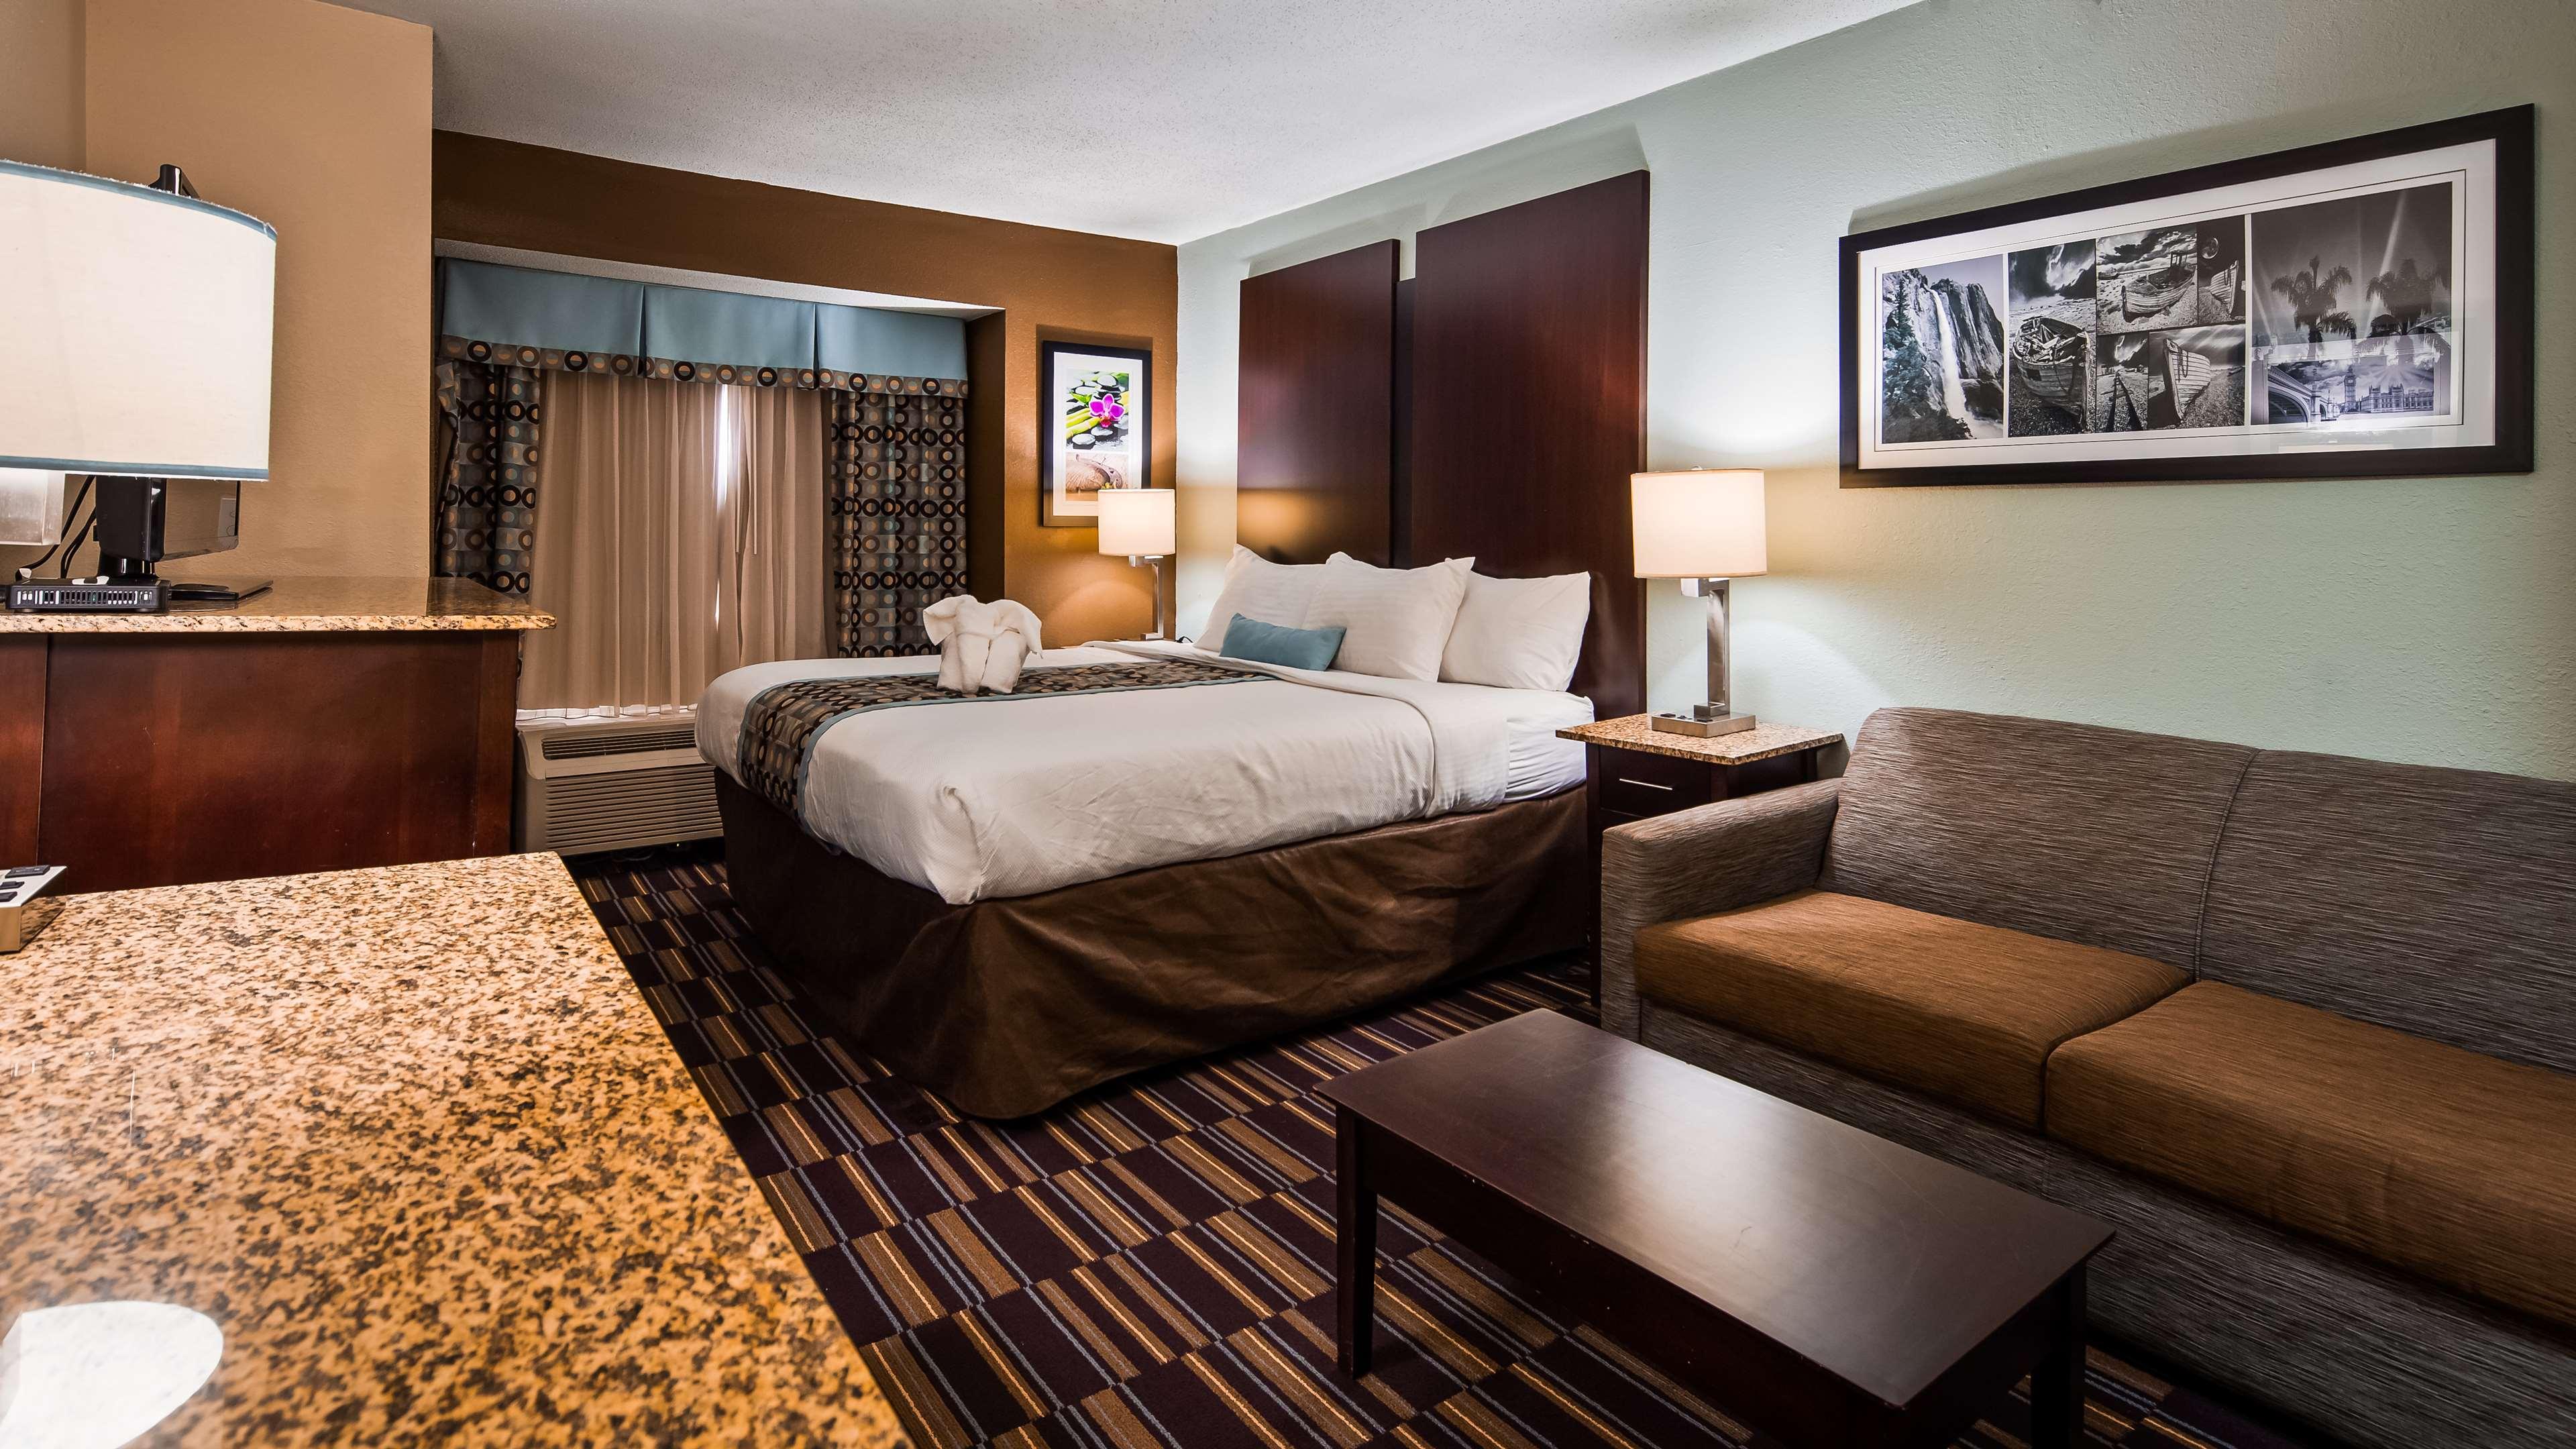 Best Western Plus Elizabeth City Inn & Suites image 6